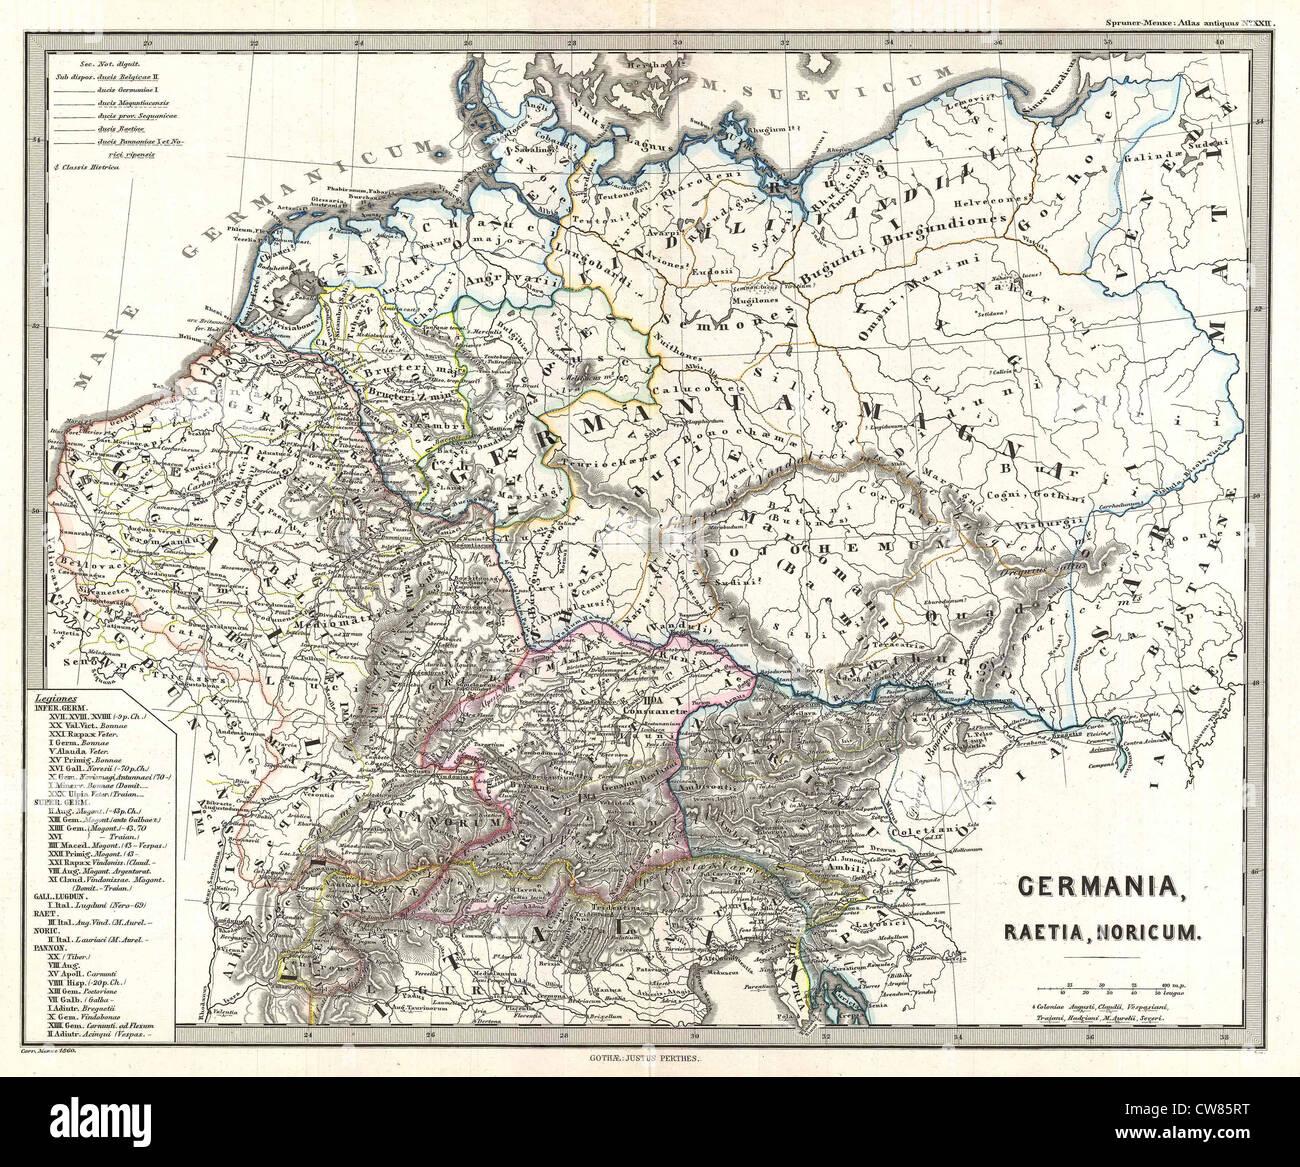 1865 Spruner Mapa de Alemania en la antigüedad Foto de stock